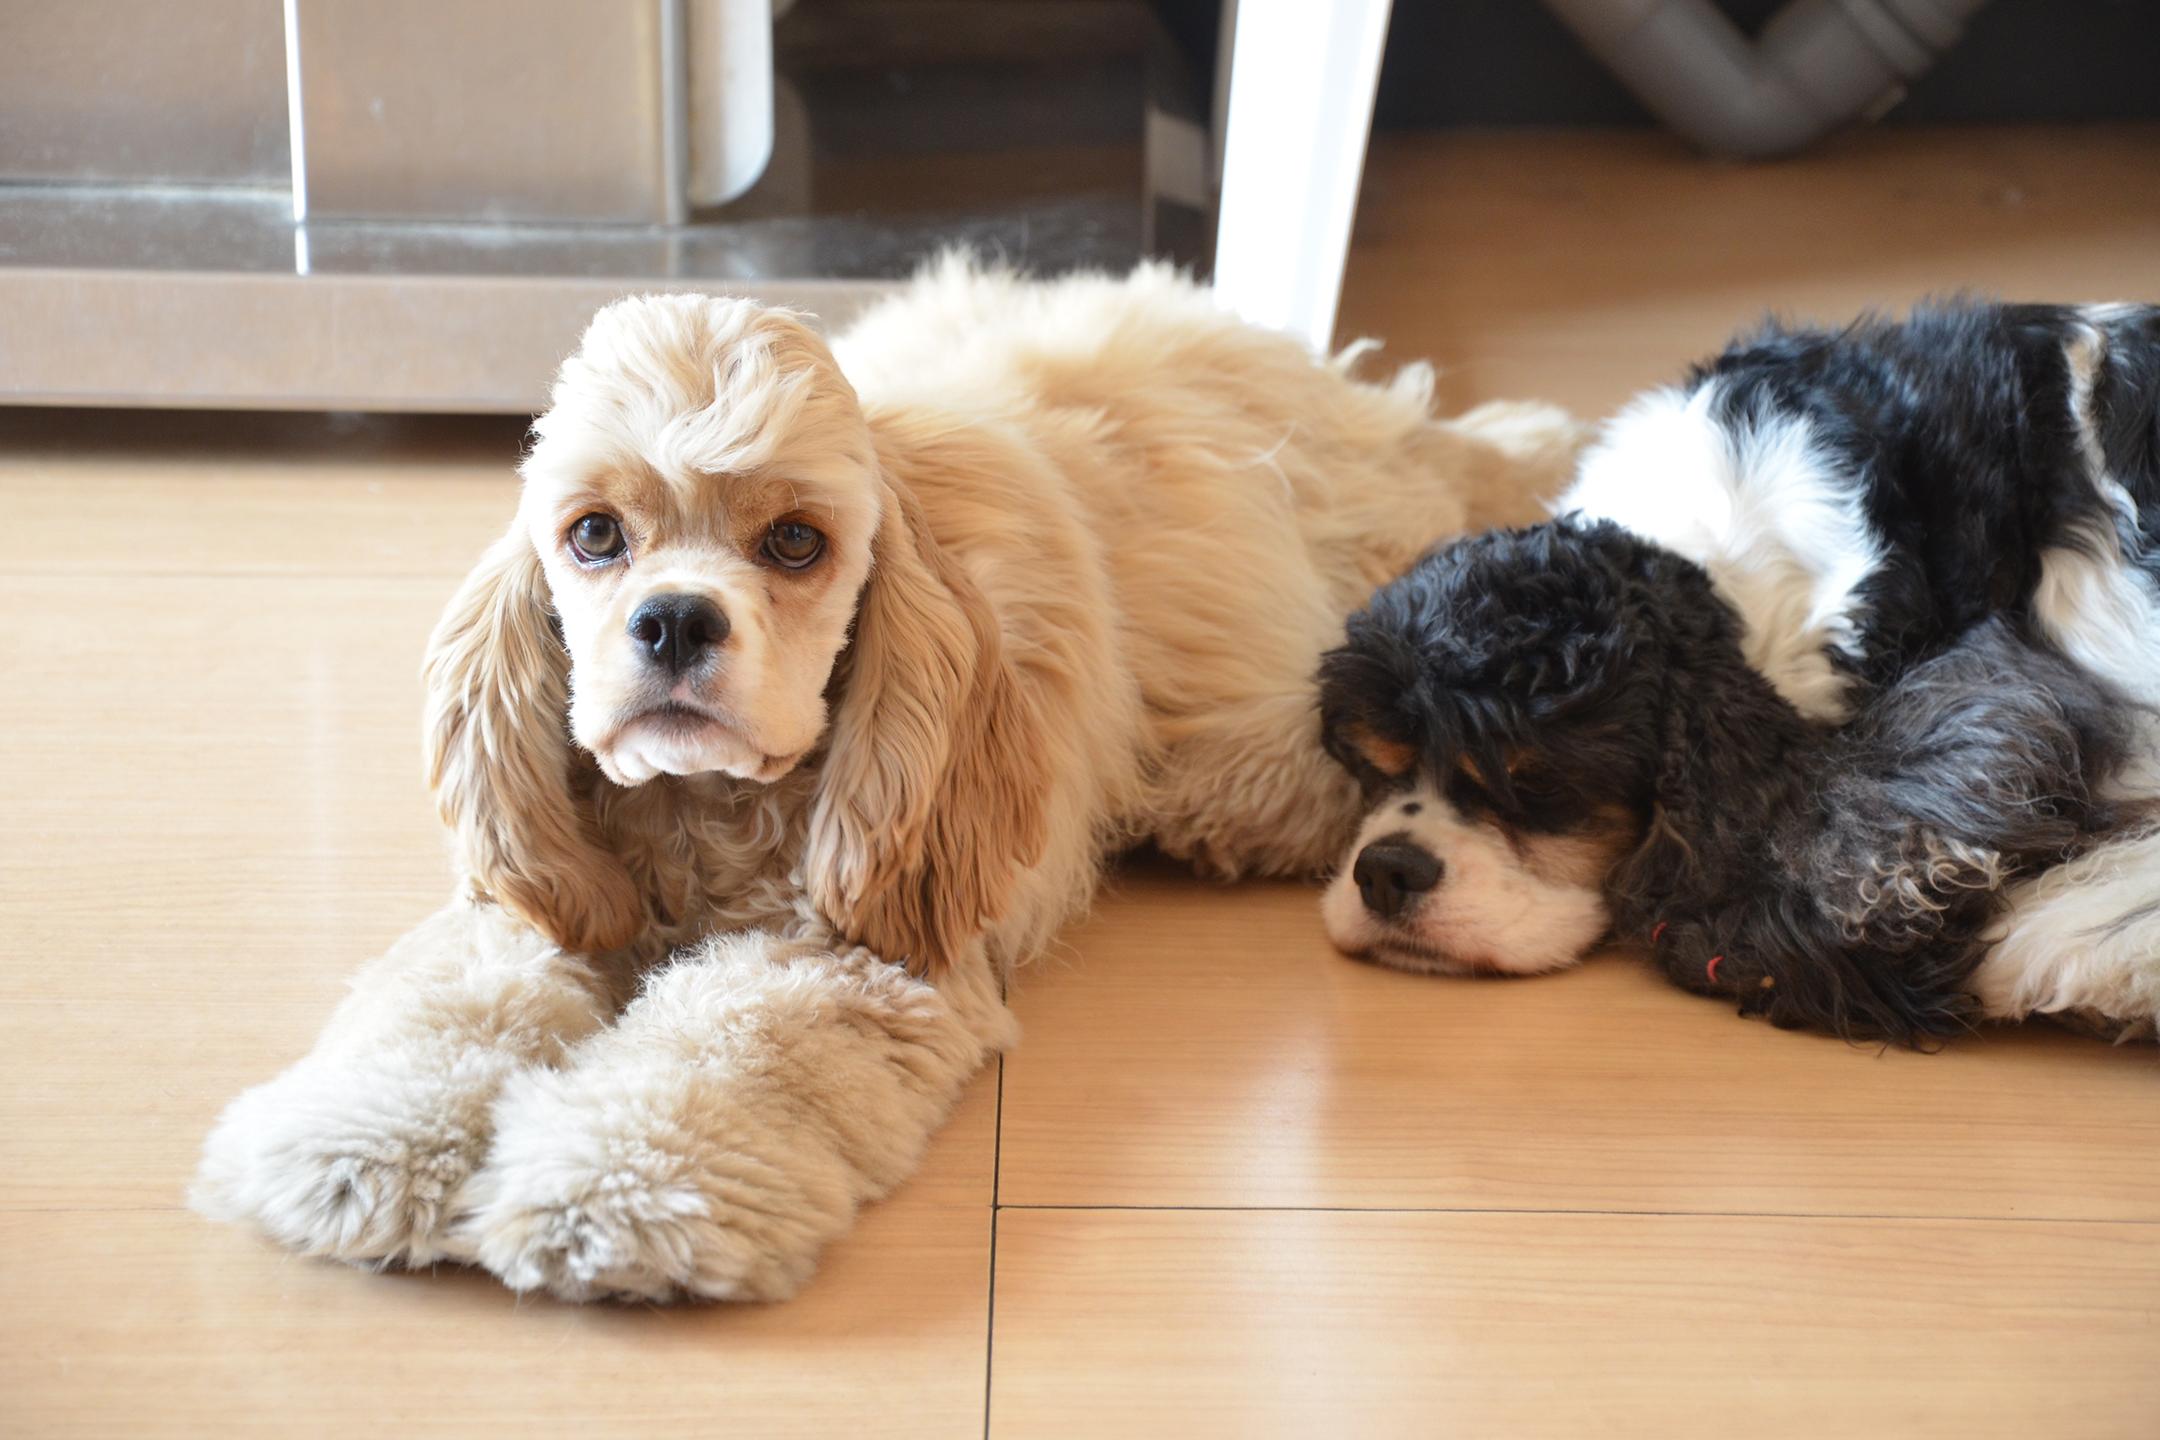 ferplast-toelettatura-silver-dog-cura-cane-pelo-prodotti-spazzole-rientro-dopo-estate-pettine-pelo-cani